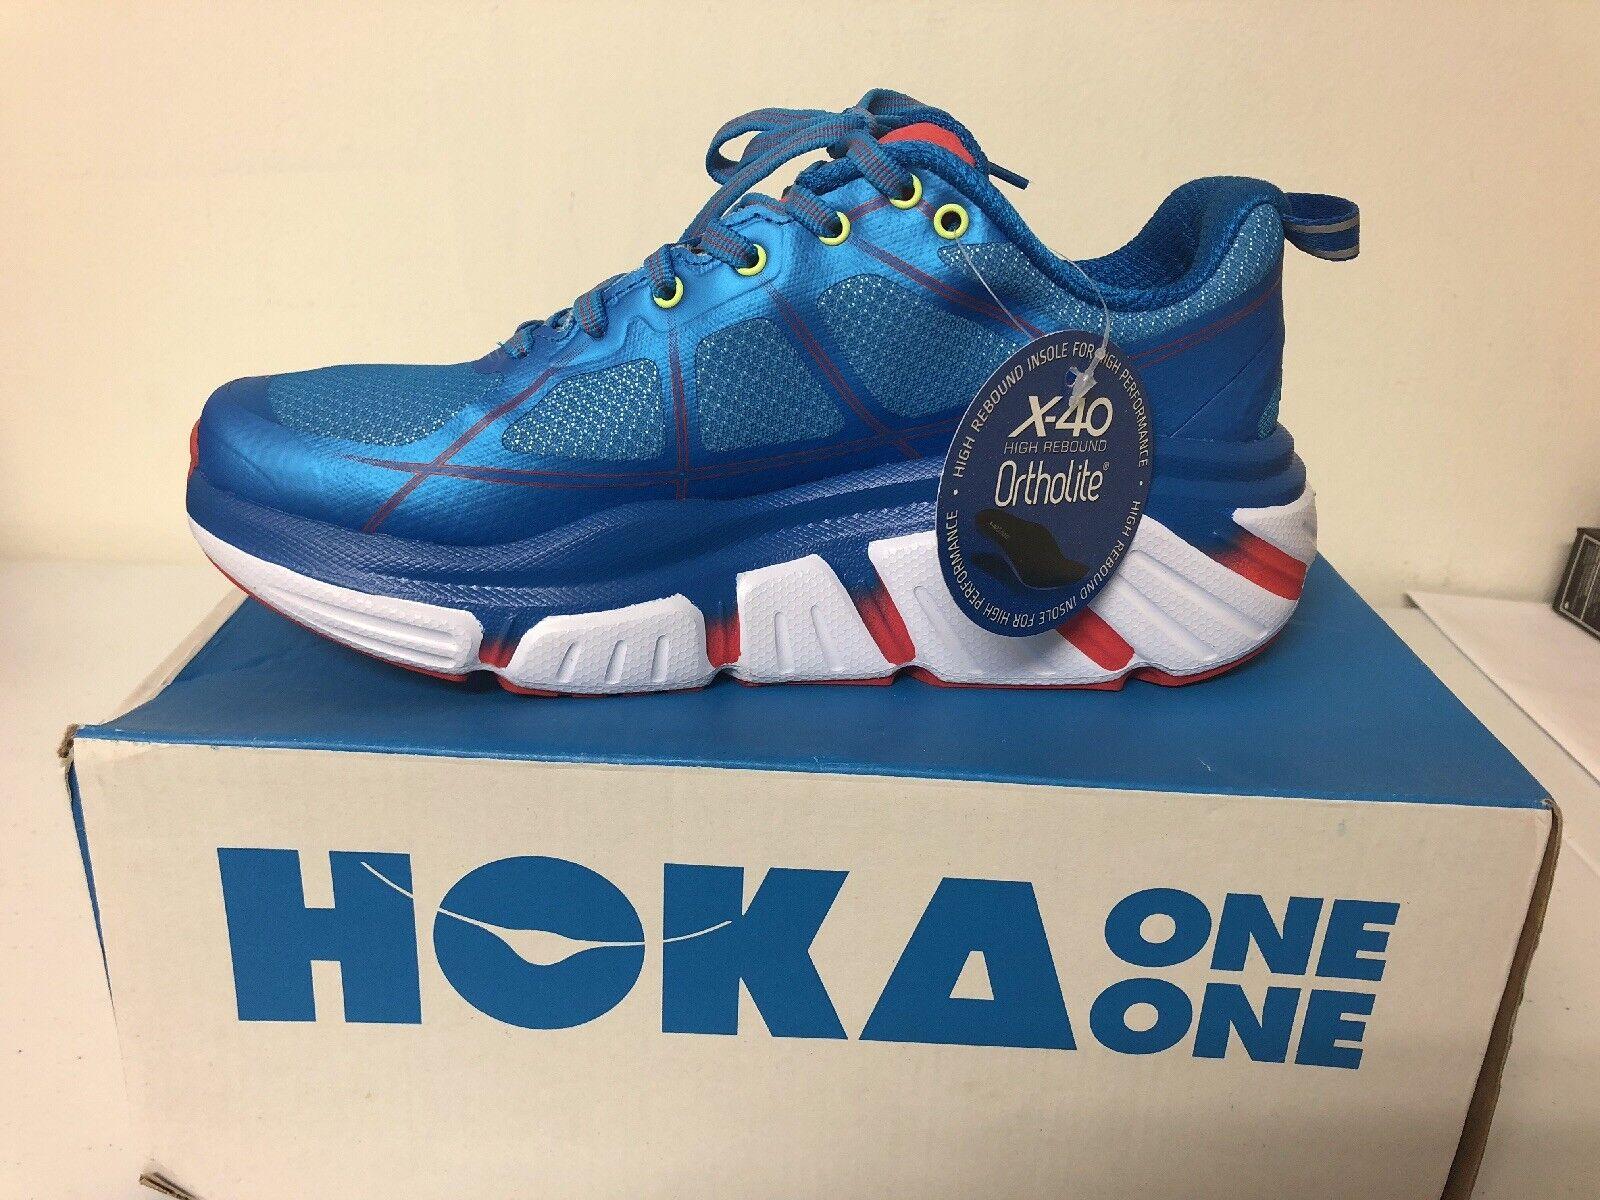 Hoke One Infinite, bleu, femmes femmes femmes Taille 6.5 8c32ac